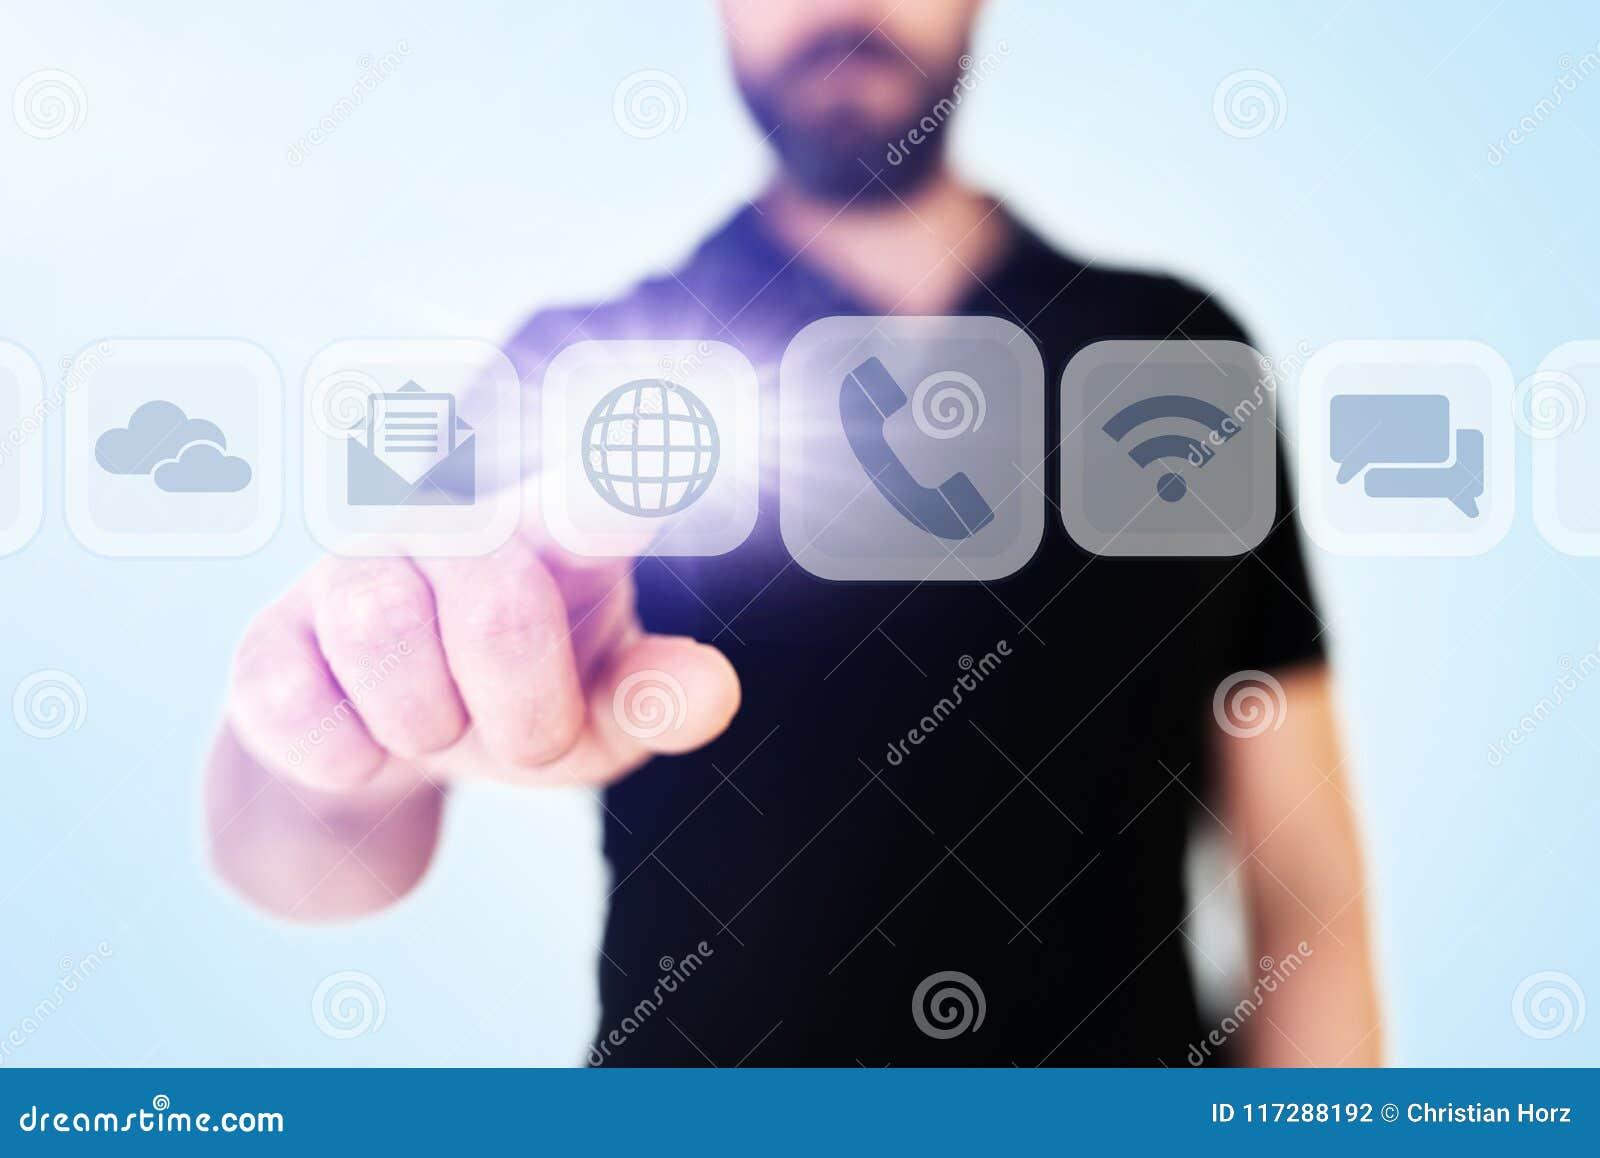 Να τυλίξει επιχειρηματιών μέσω της ανακοίνωσης apps σχετικά με τη διαφανή διεπαφή ψηφιακής επίδειξης